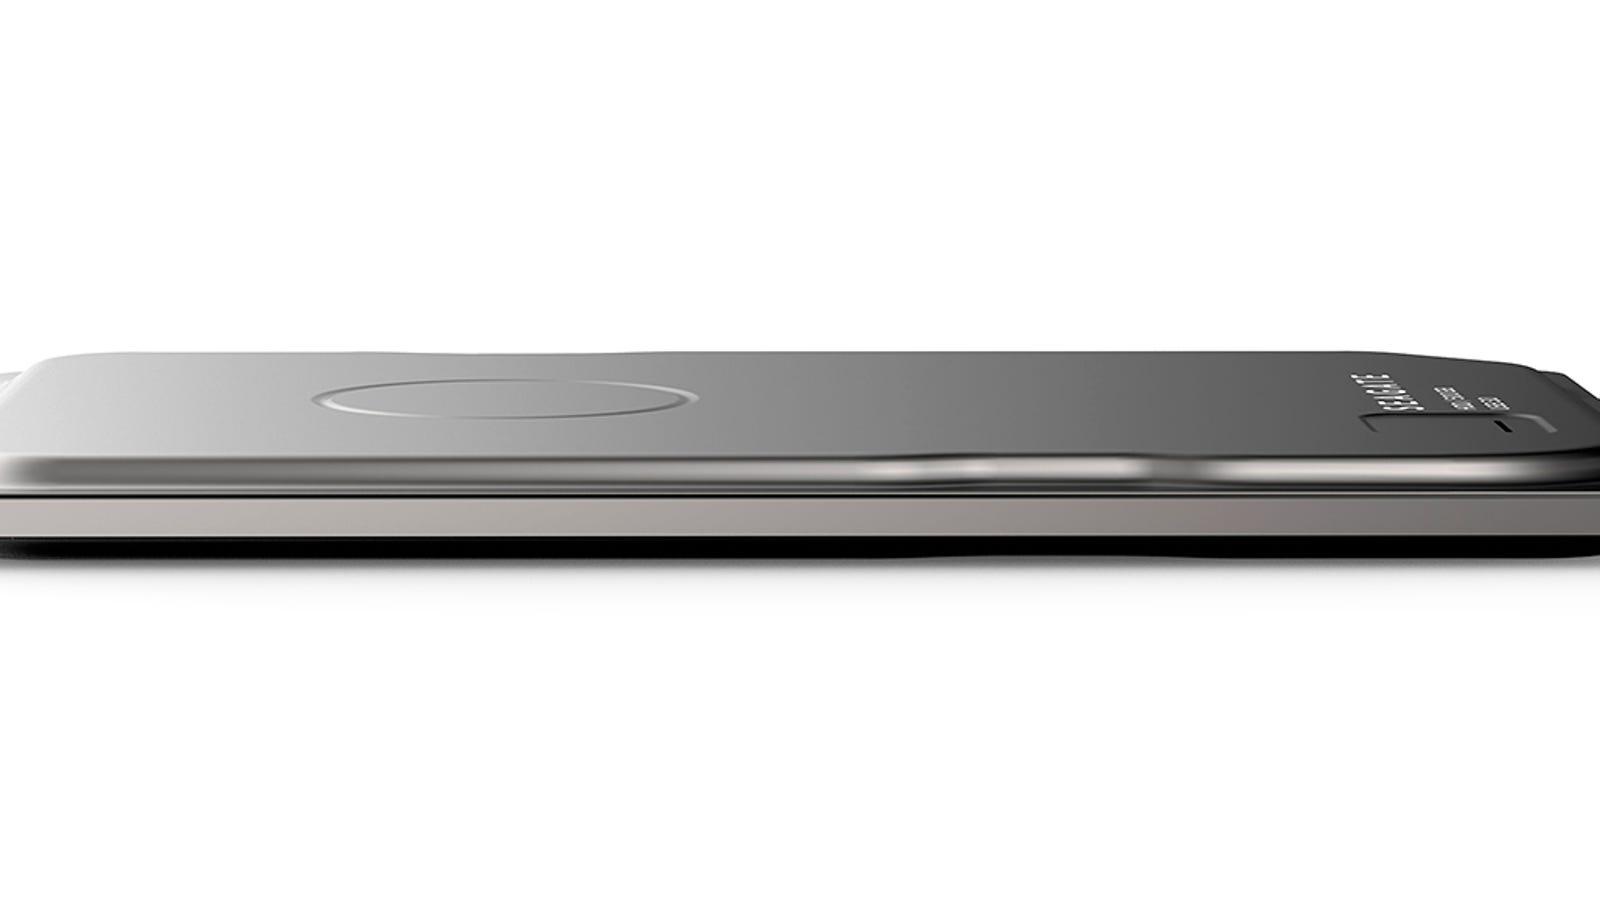 Seagate Seven es el nuevo disco duro externo más delgado del mundo